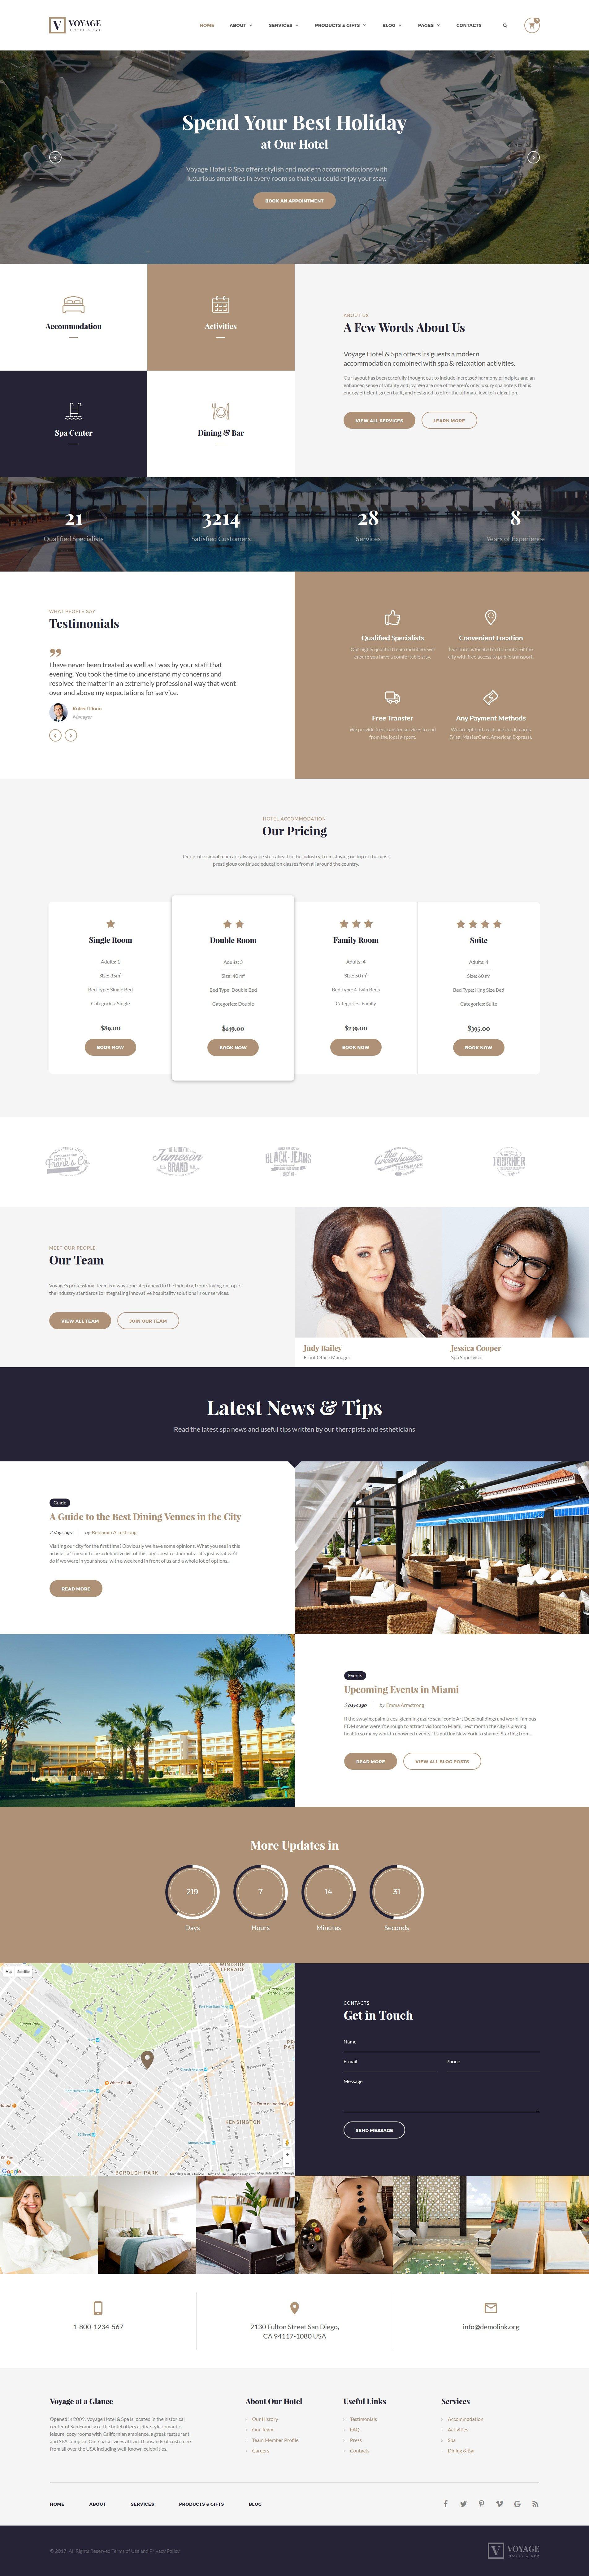 Responsive Otel Web Sitesi #55353 - Ekran resmi